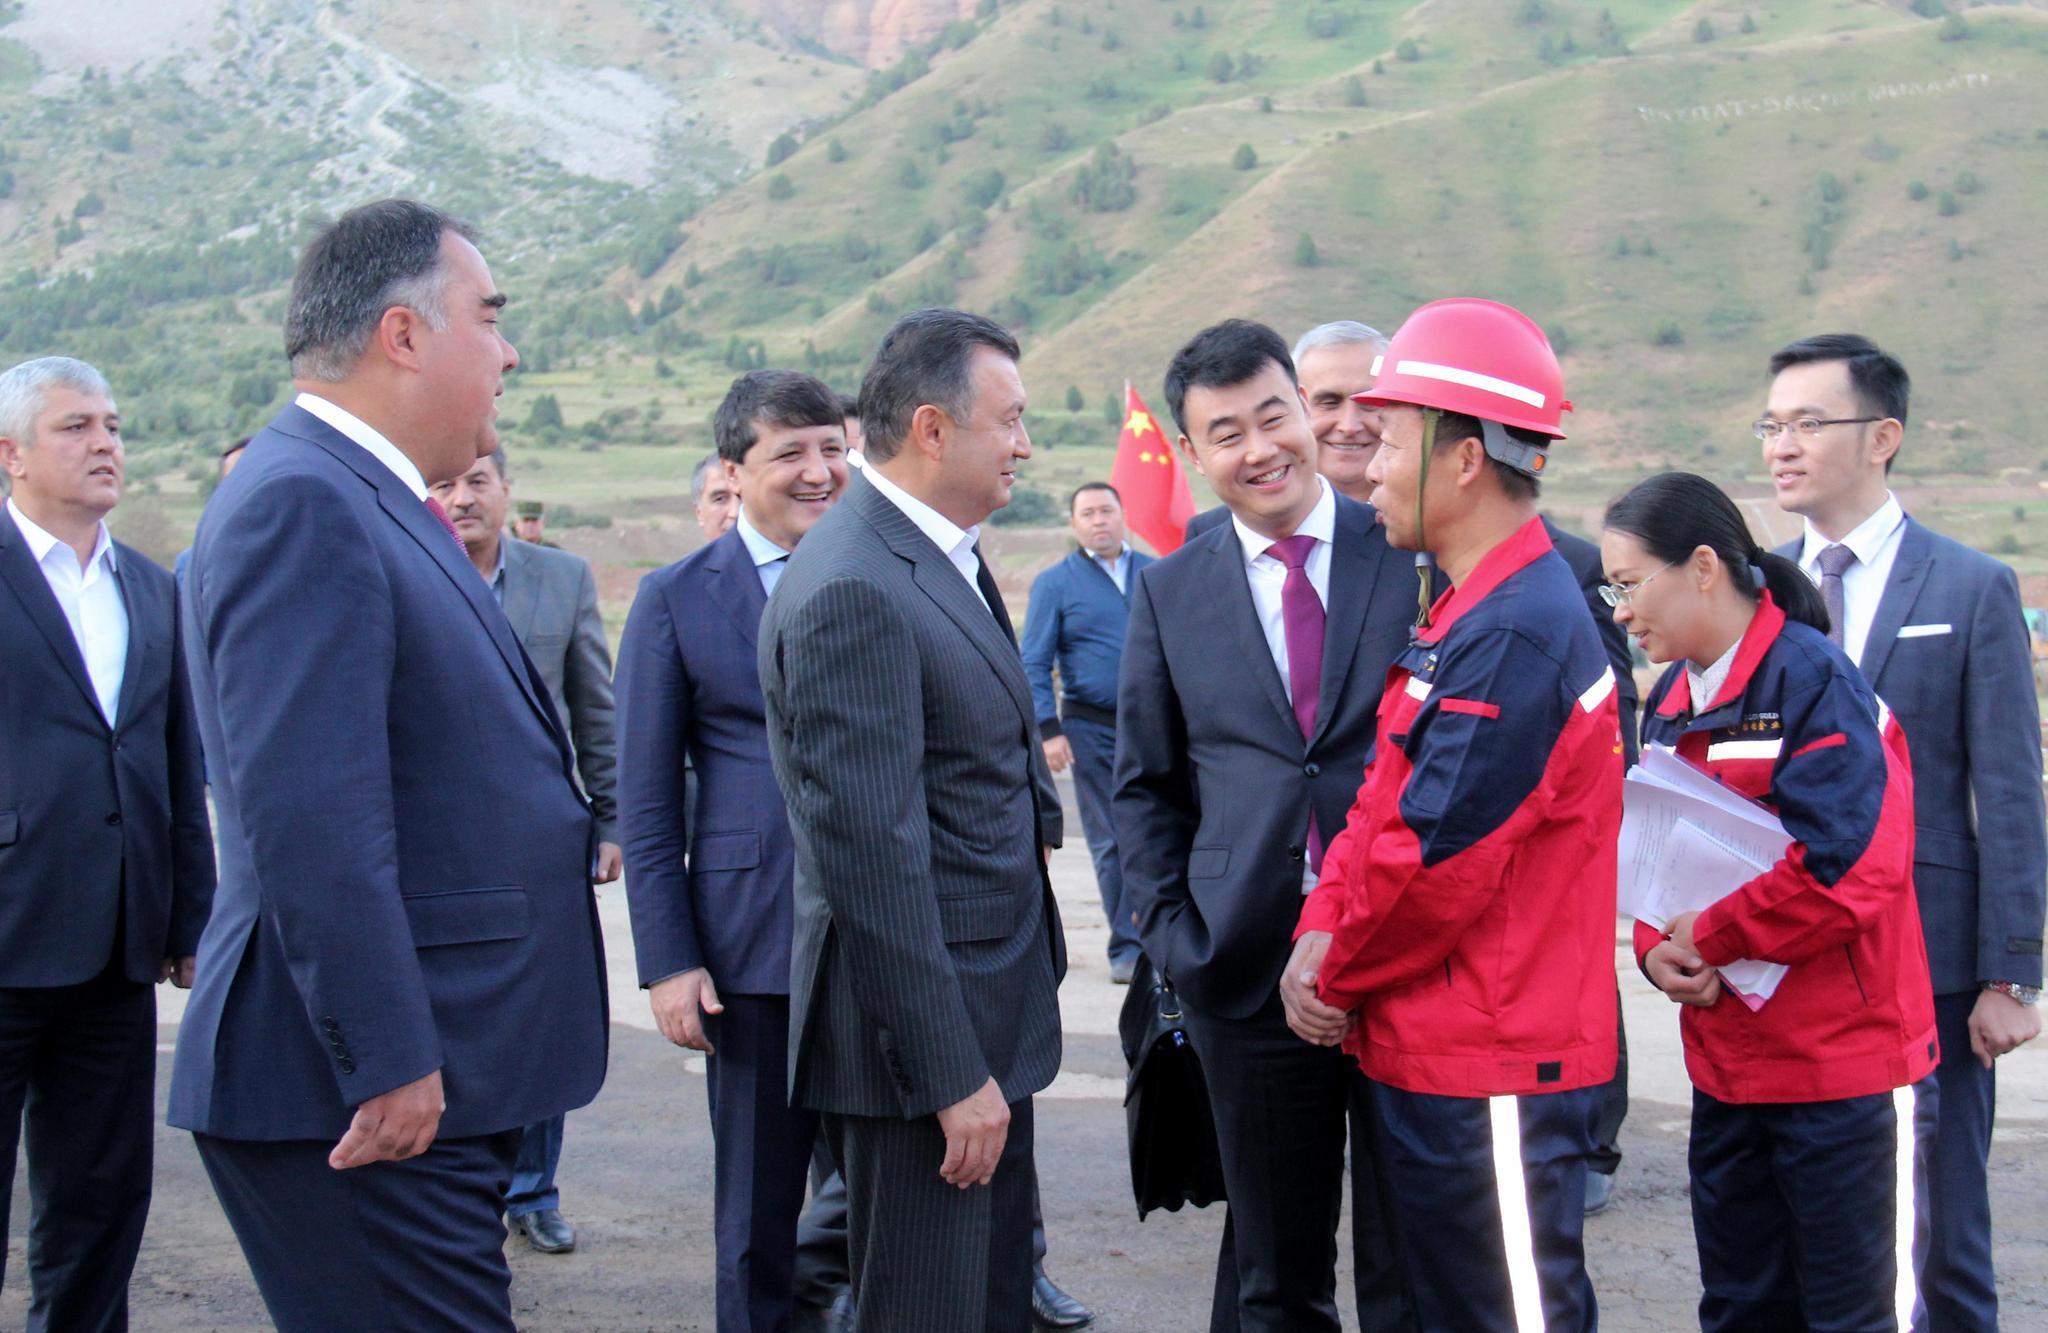 塔吉克斯坦总理科基尔拉苏尔佐达视察华钰矿业塔铝金业康桥奇矿山